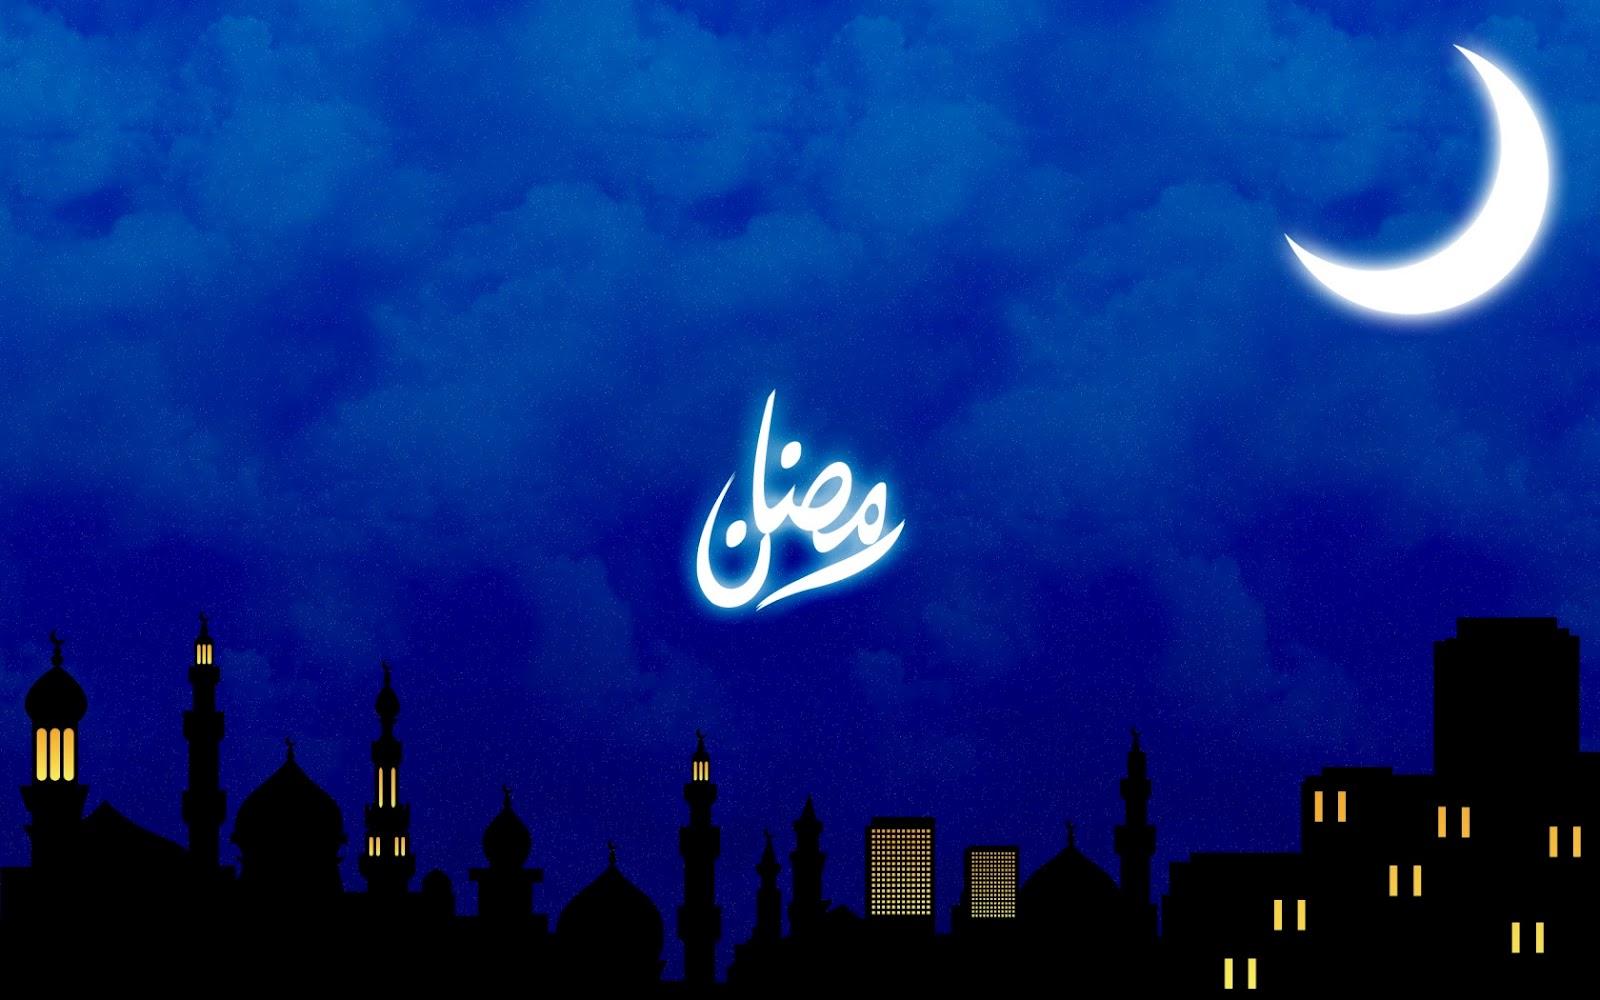 http://3.bp.blogspot.com/-MXfOyYypxq0/T-FrtBWIvtI/AAAAAAAAAC4/UU2uOBOfQdY/s1600/HD-Ramadan-Wallpaper.jpg